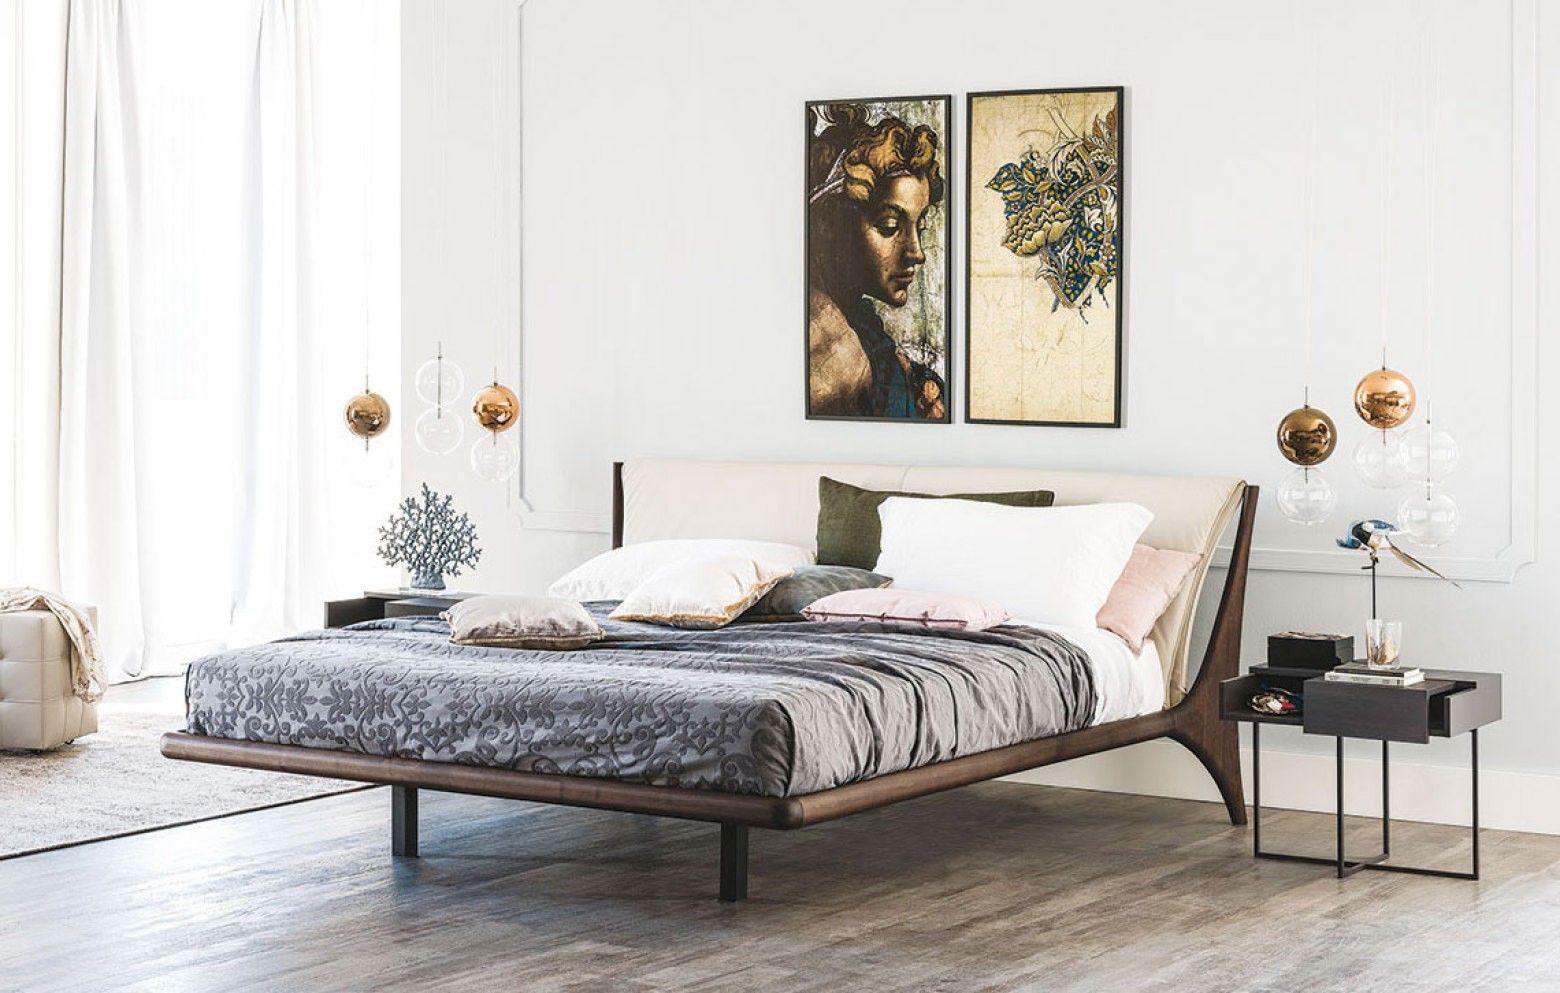 Das Modell Nelson Von Cattelan Vermittelt Genau Das Was Ein Bett